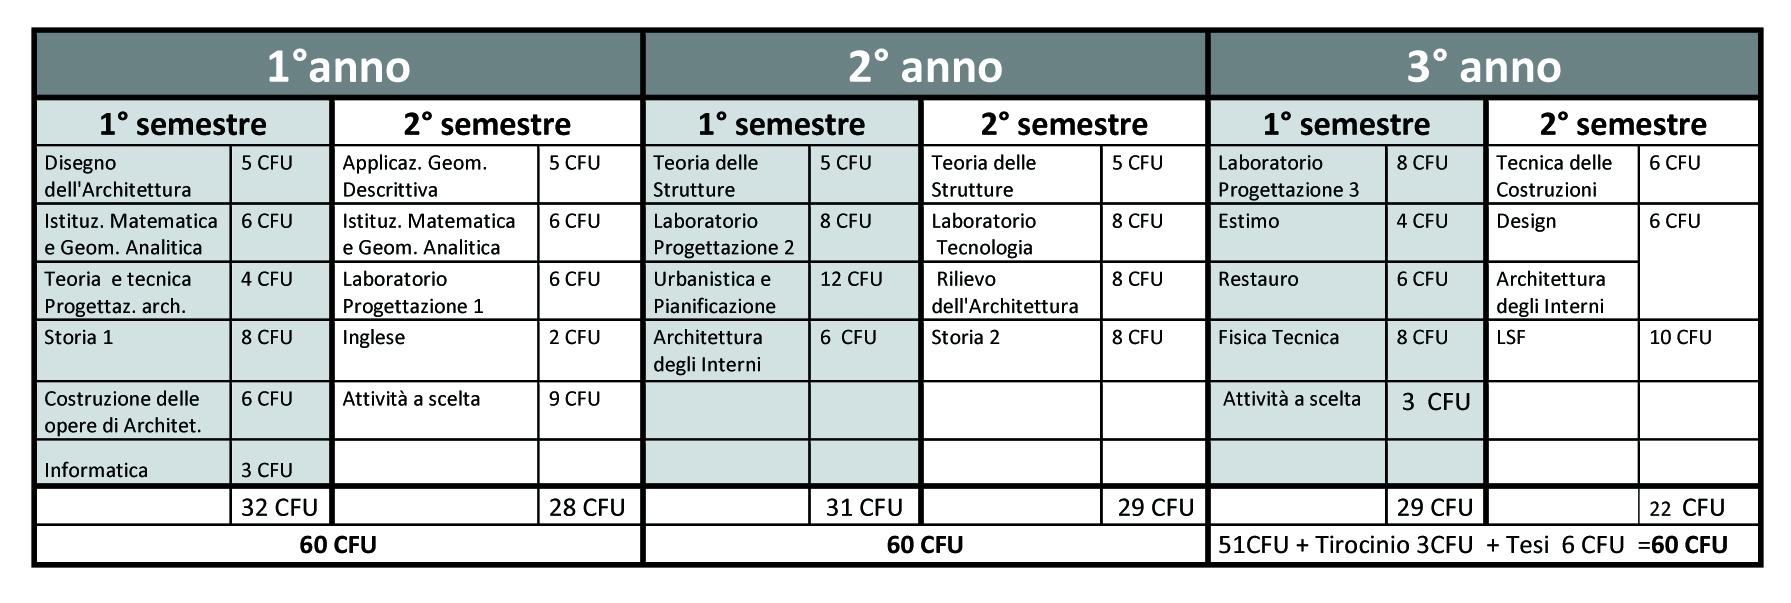 Calendario Tesi Unifi Architettura.Didattica